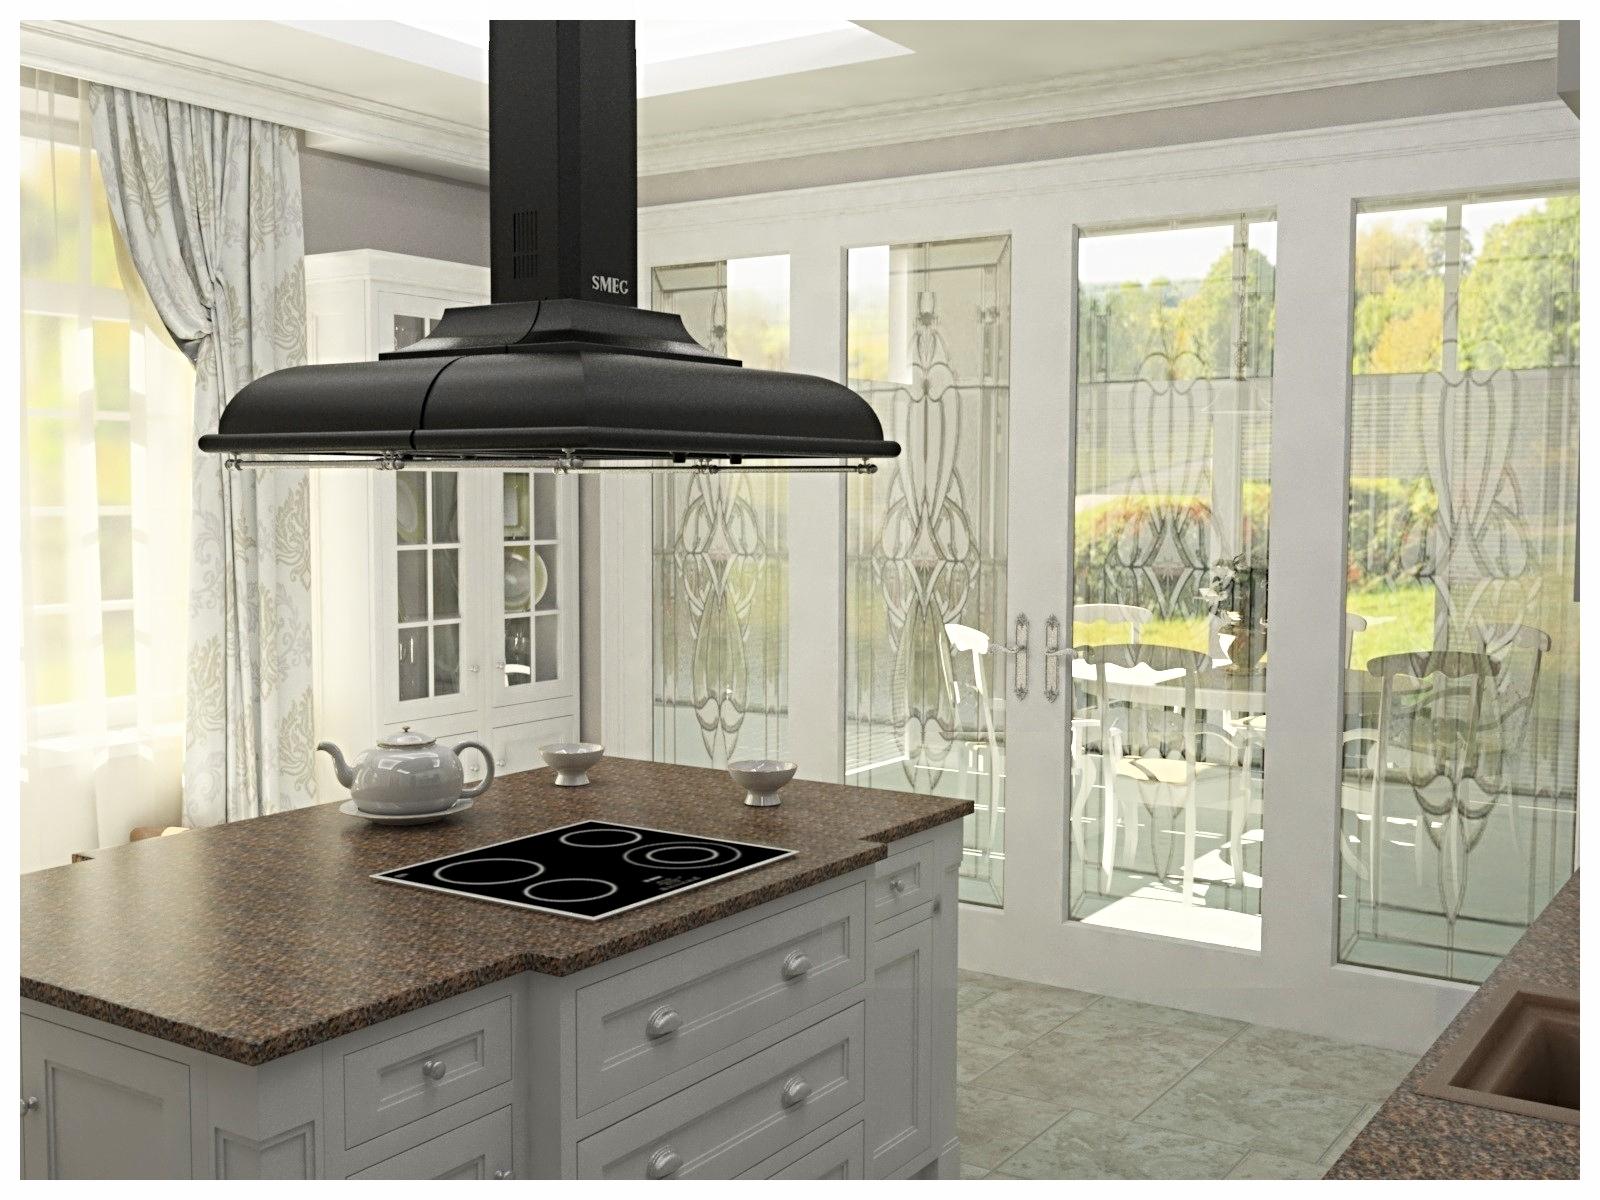 Дизайн интерьеров коттеджа в современной классике. Кухня 3.